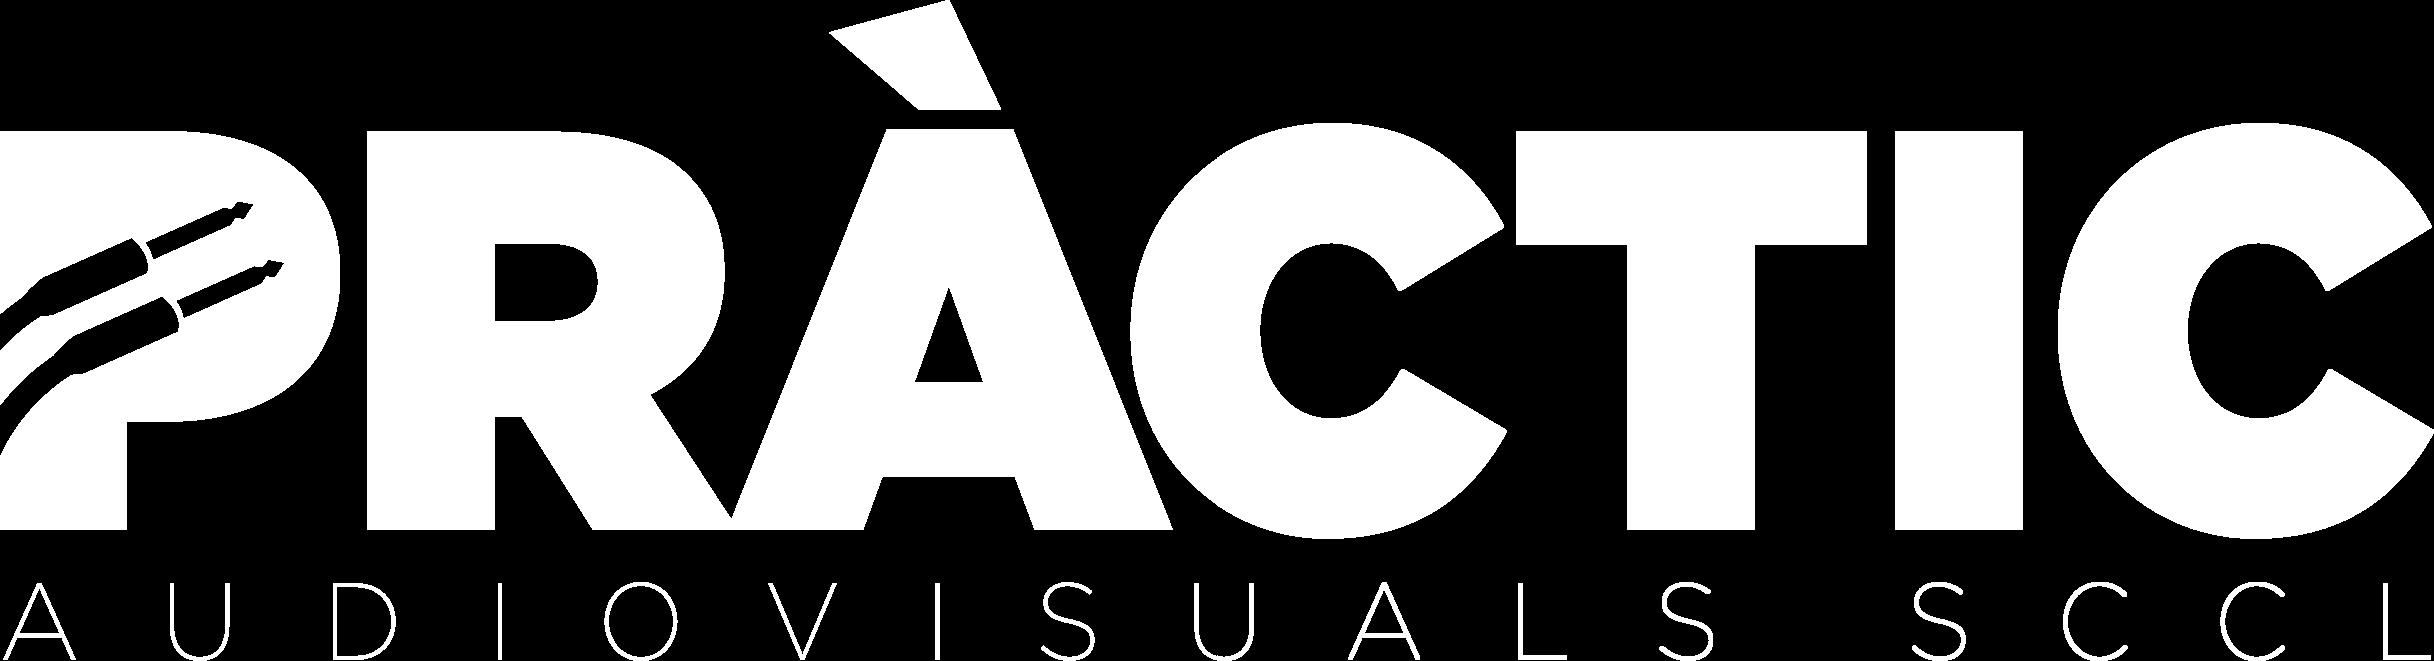 Pràctic Audiovisuals